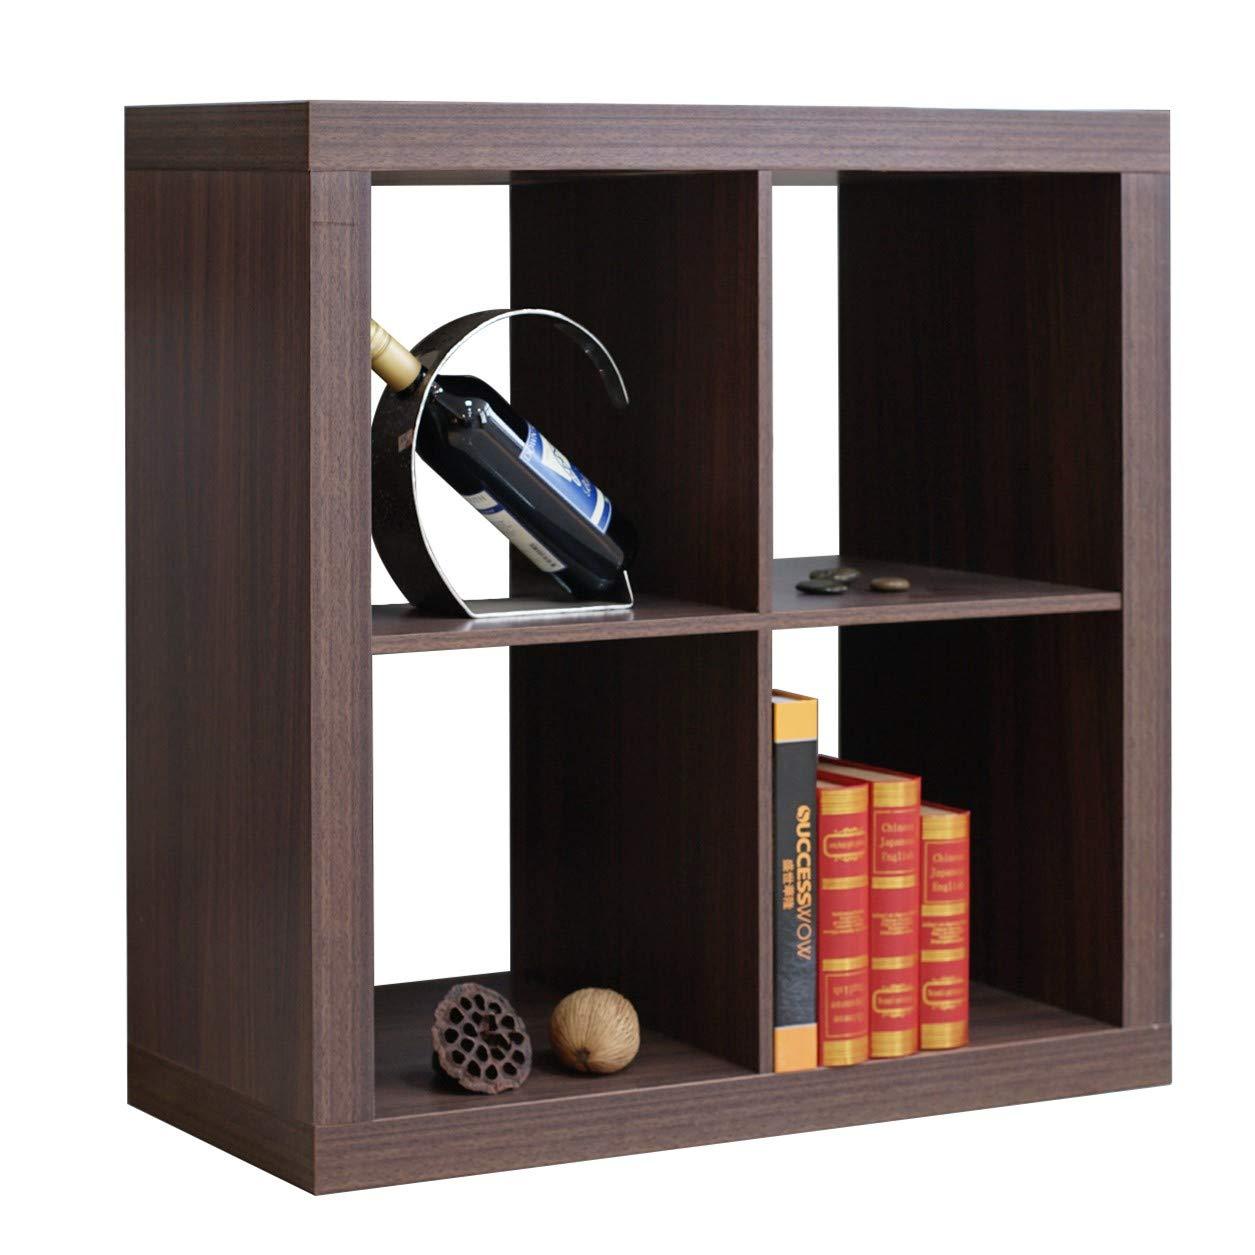 DlandHome Storage Cube Organizer, 4-Cube (2X2) Home & Garden & Office Storage Bookcases Wooden, LHGZ303-B Dark Brown, 1 Pack